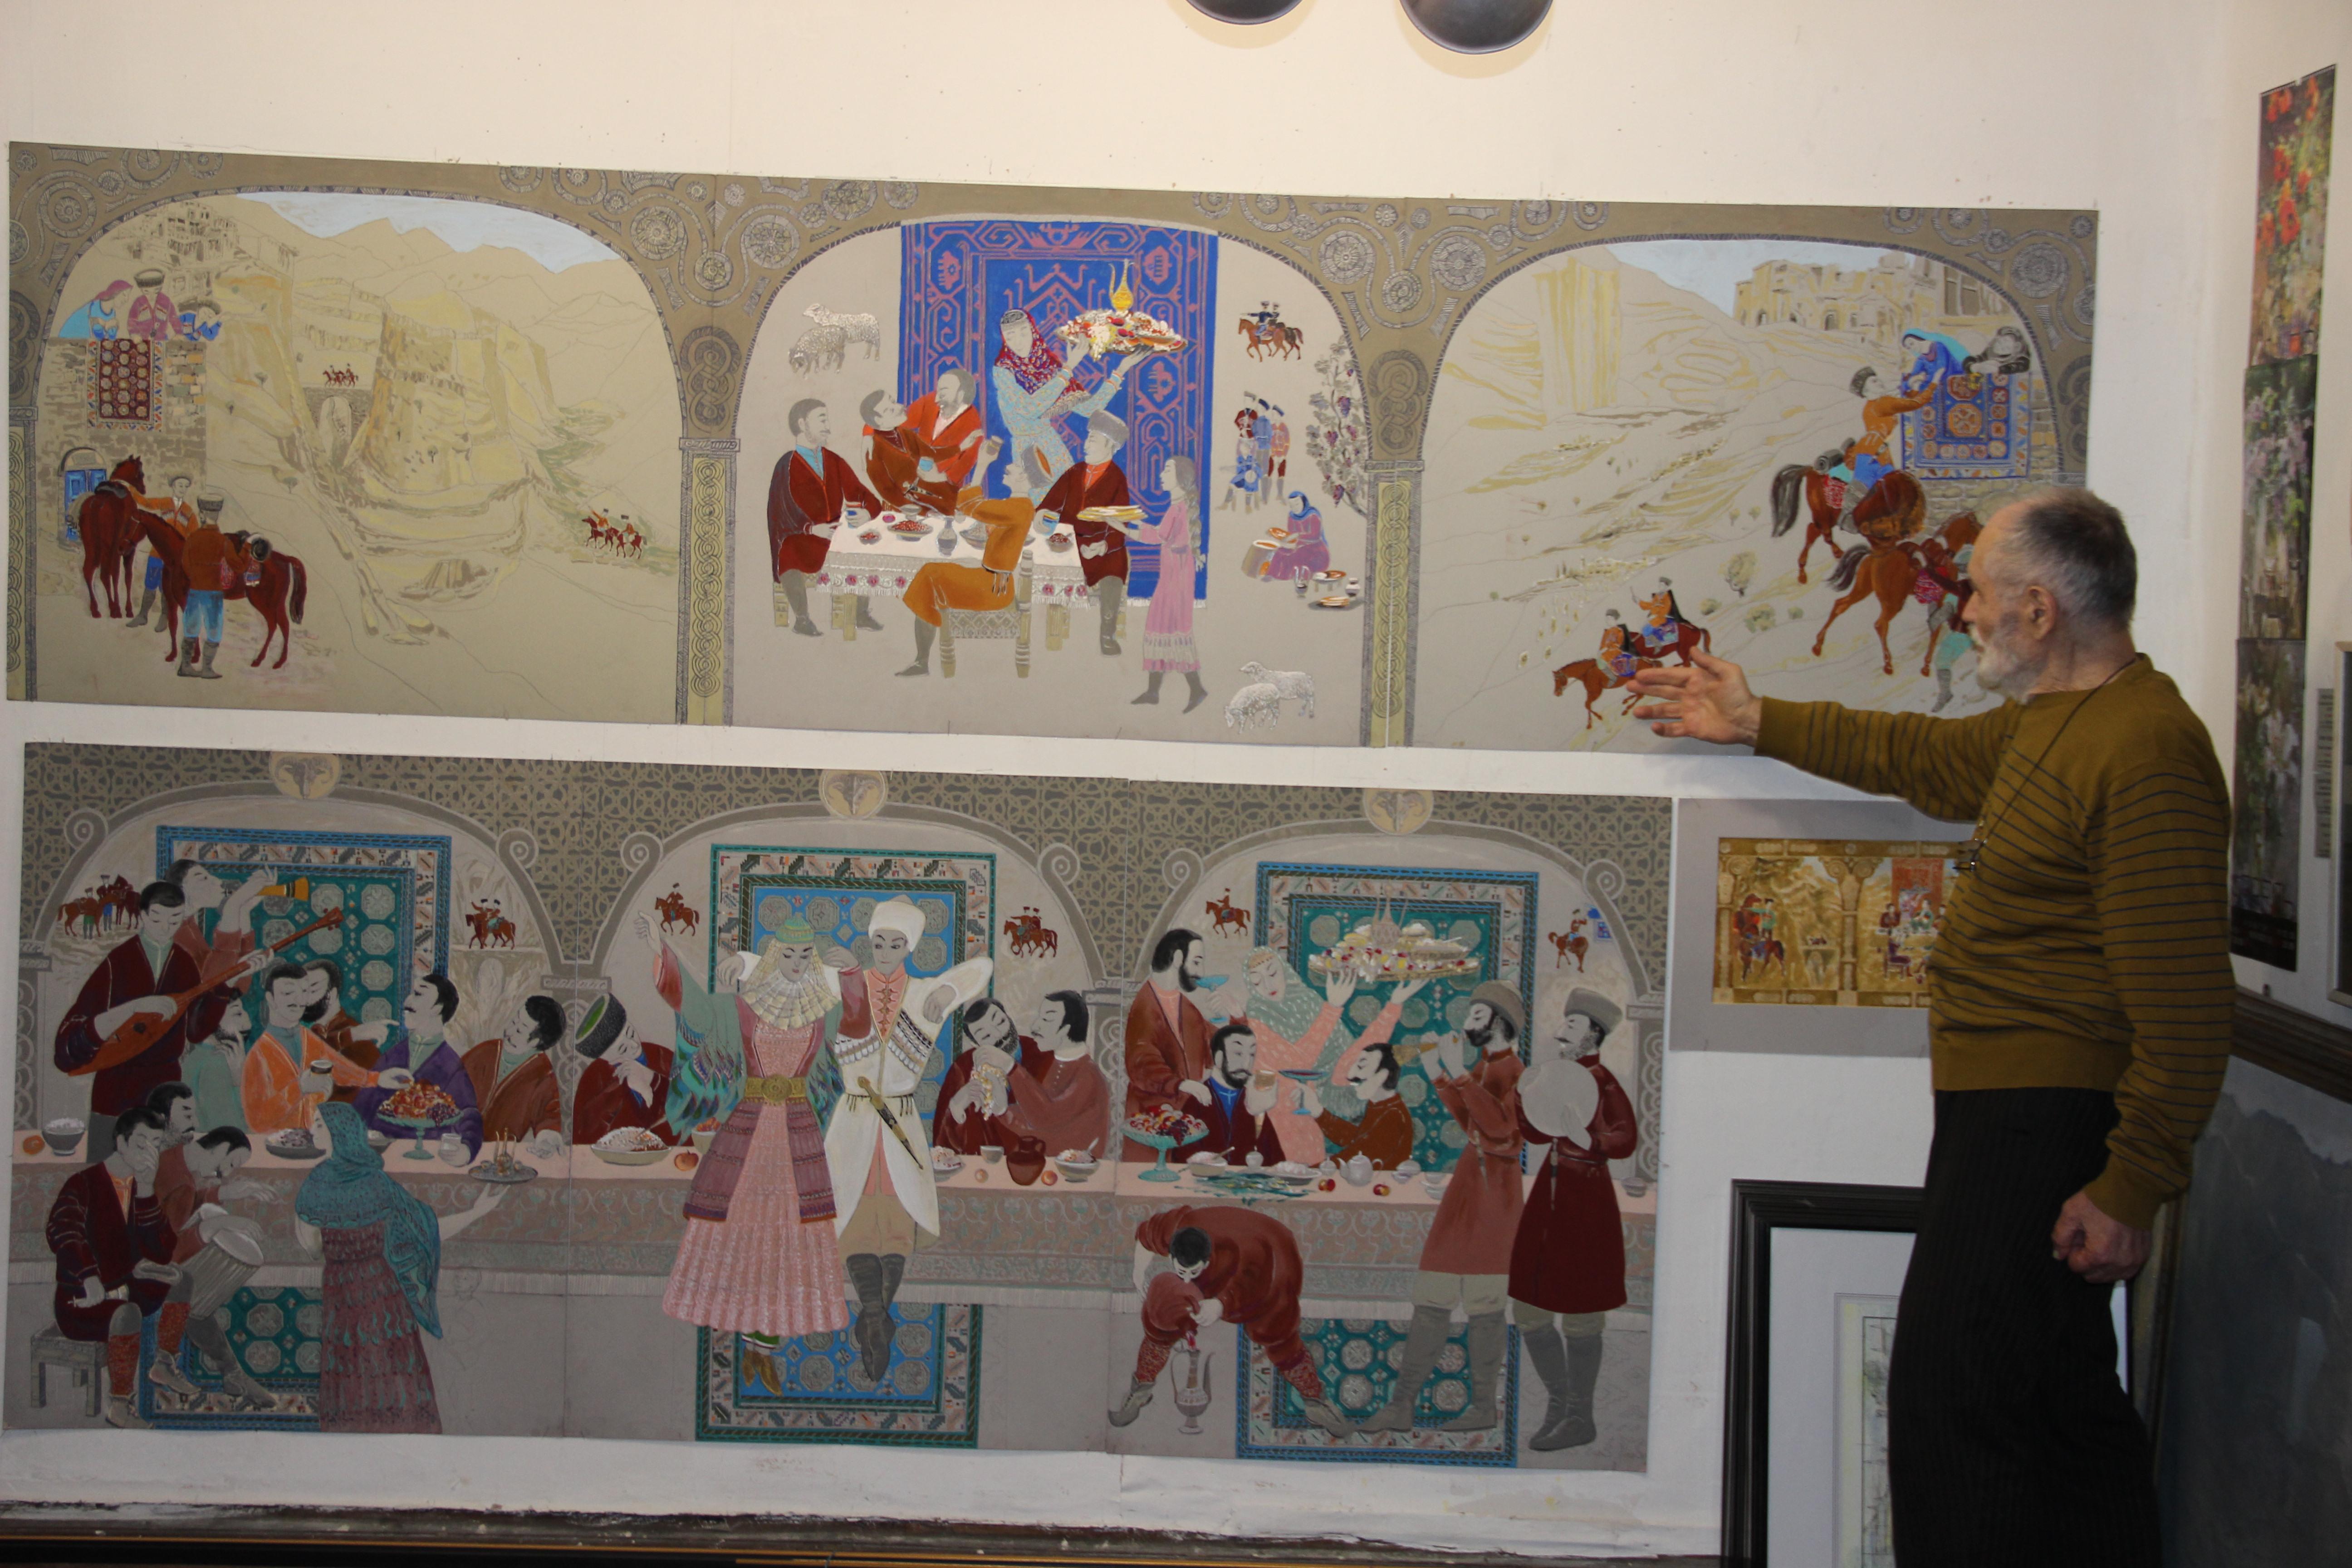 Представительство республики Дагестан в Санкт Петербурге  в котором объединены несколько исторических новелл на дагестанских языках Камиль Ибрагимов в качестве дипломной работы представил документальны фильм